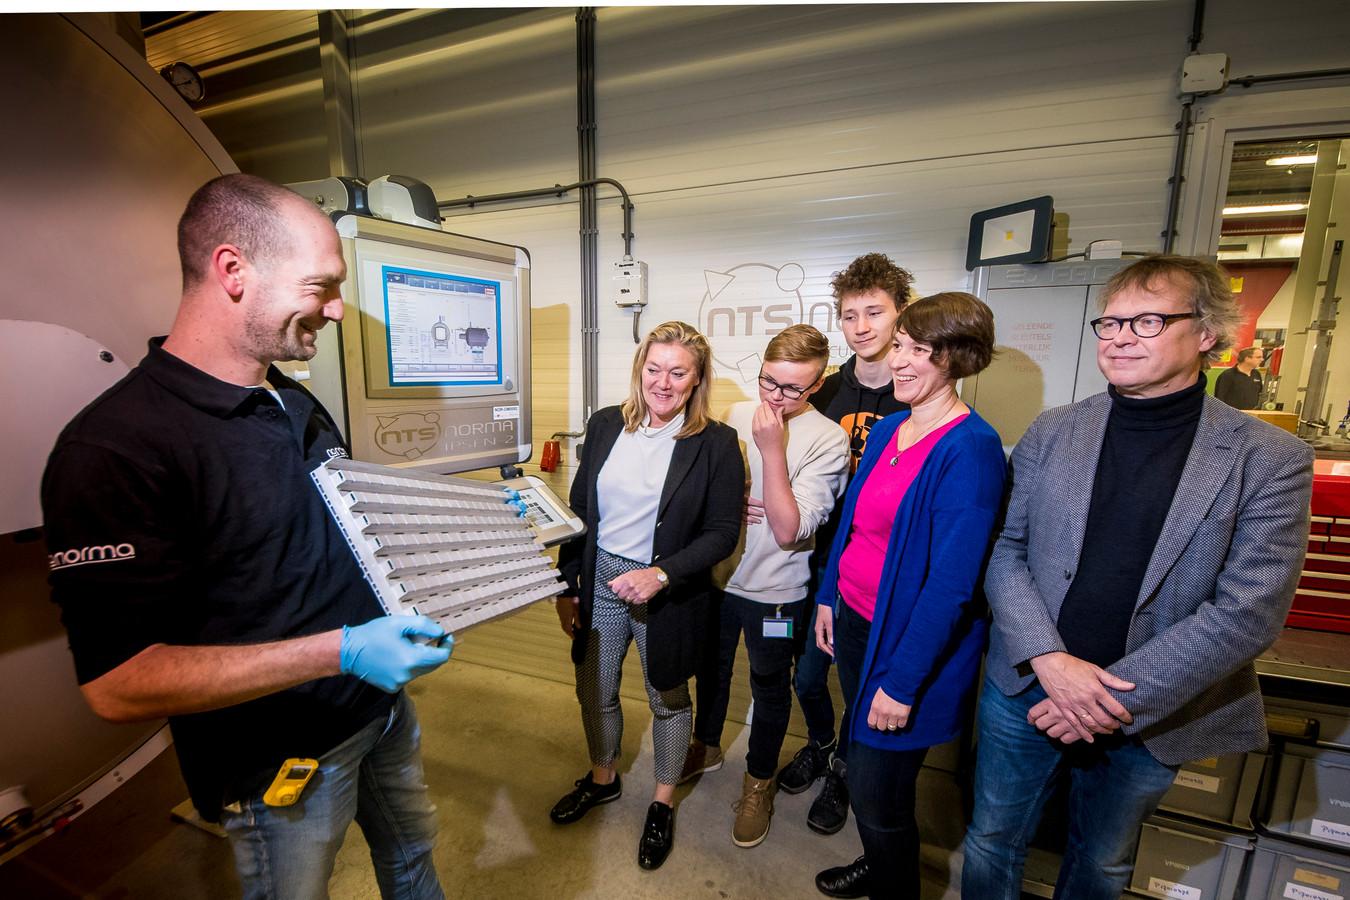 (vanaf links): Maarten Jacobs van Norma, Annemarie Heuvel, vwo-leerlingen Jesse ten Broek en Kylian van Dam, Gerdi Haverkamp en Martin Grondman van Norma.